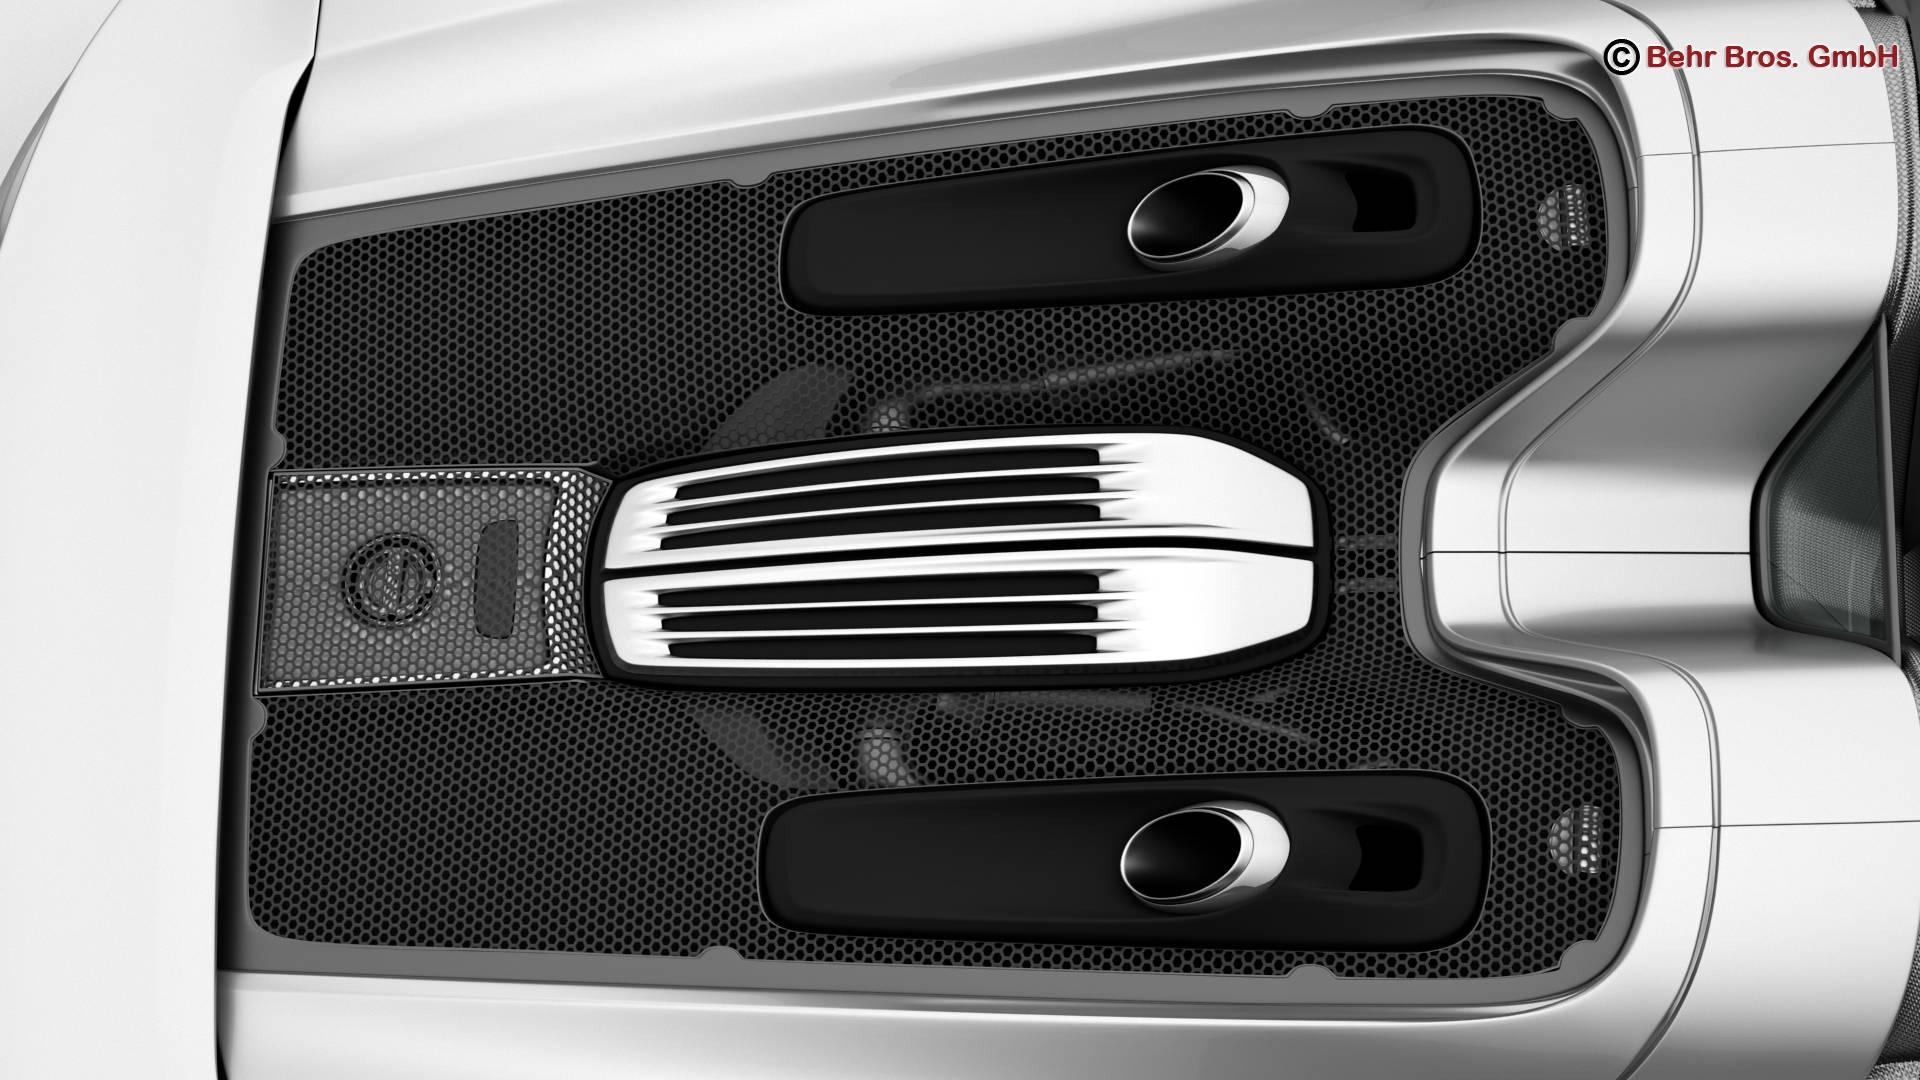 porsche 918 spyder with detachable roof 3d model 3ds max fbx c4d lwo ma mb obj 209346